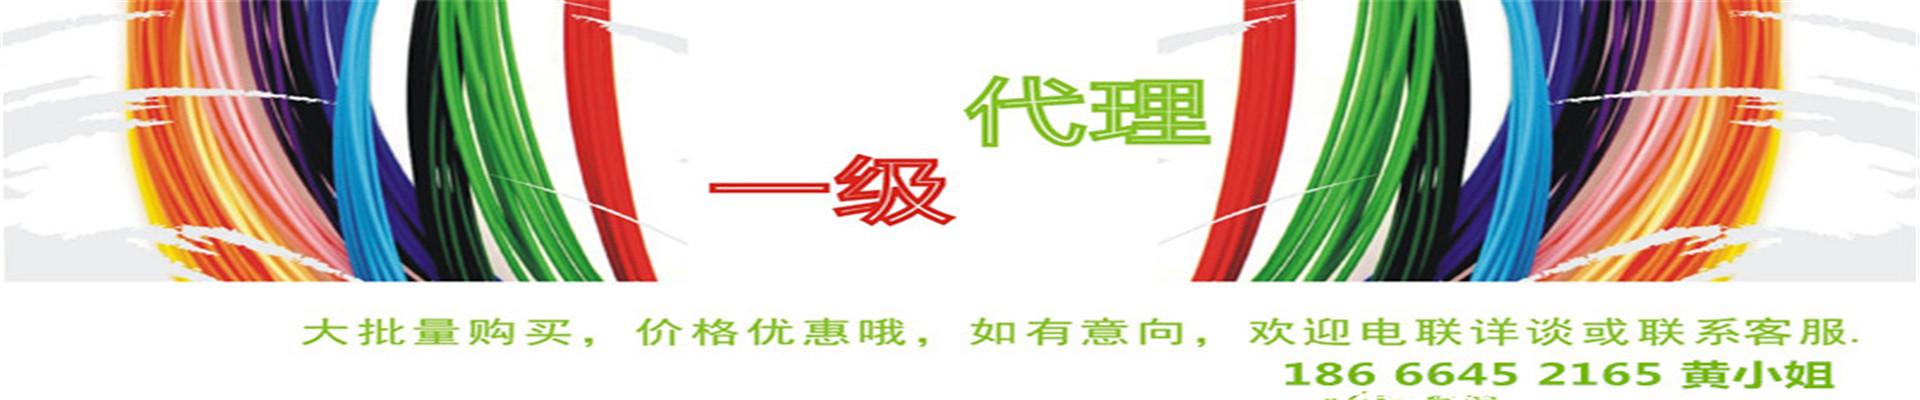 东莞市铭远塑胶有限公司